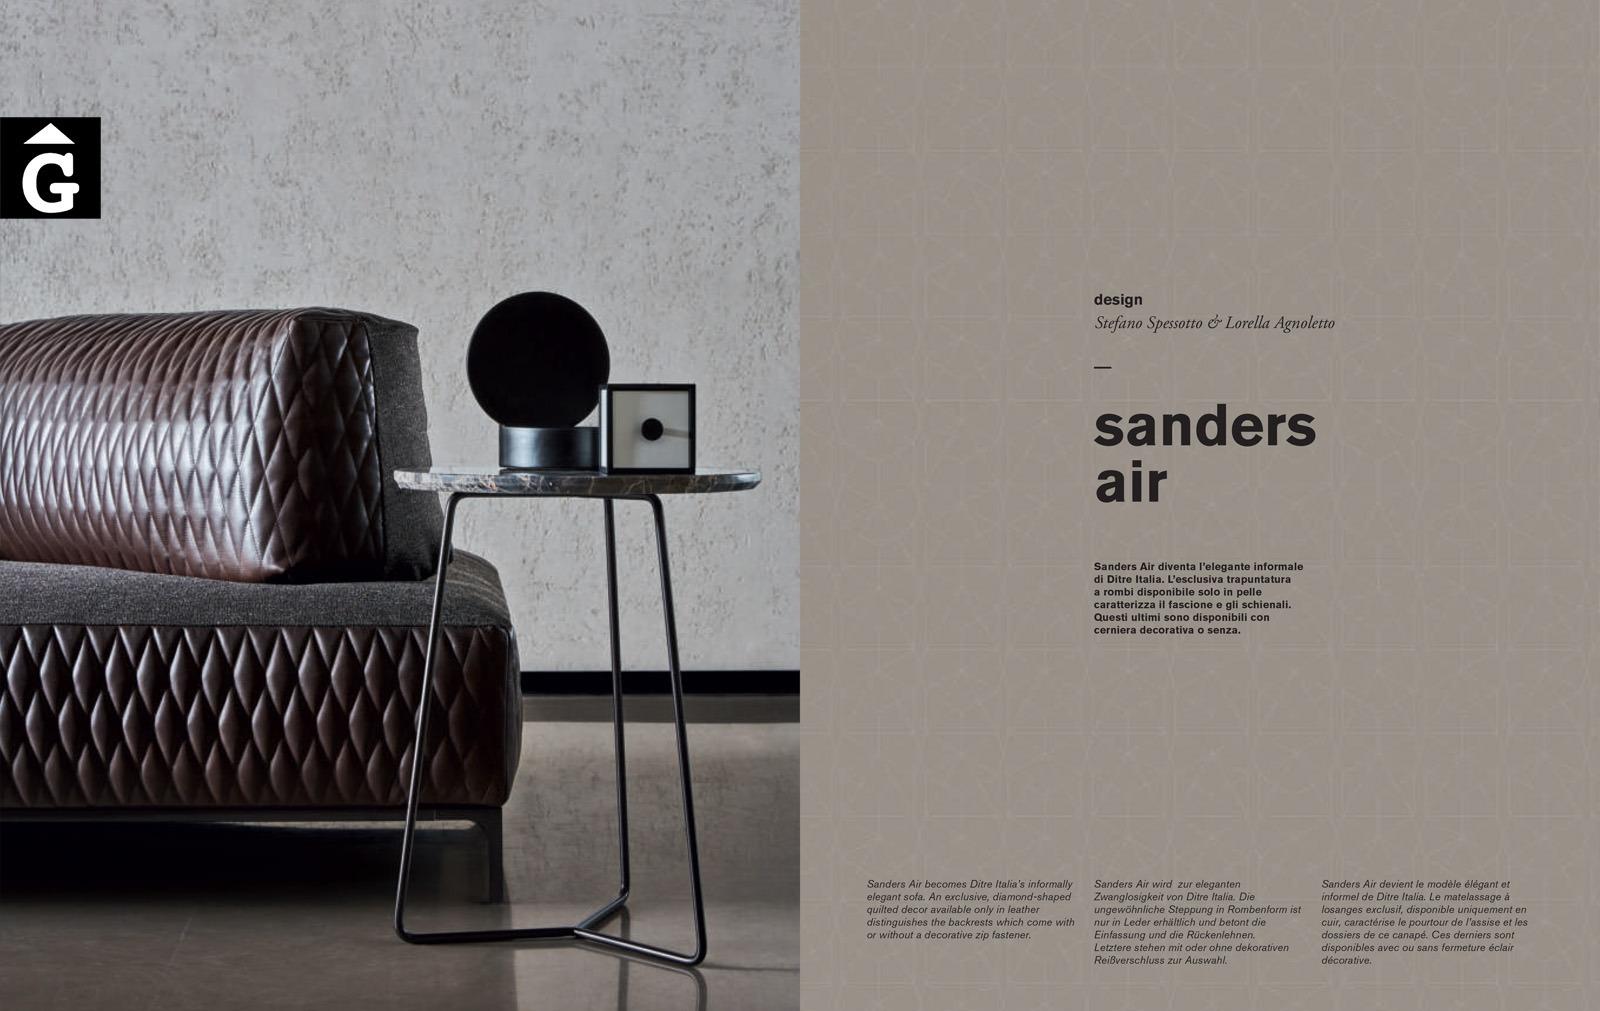 Sanders Air sofa detall - Ditre Italia Sofas disseny i qualitat alta by mobles Gifreu